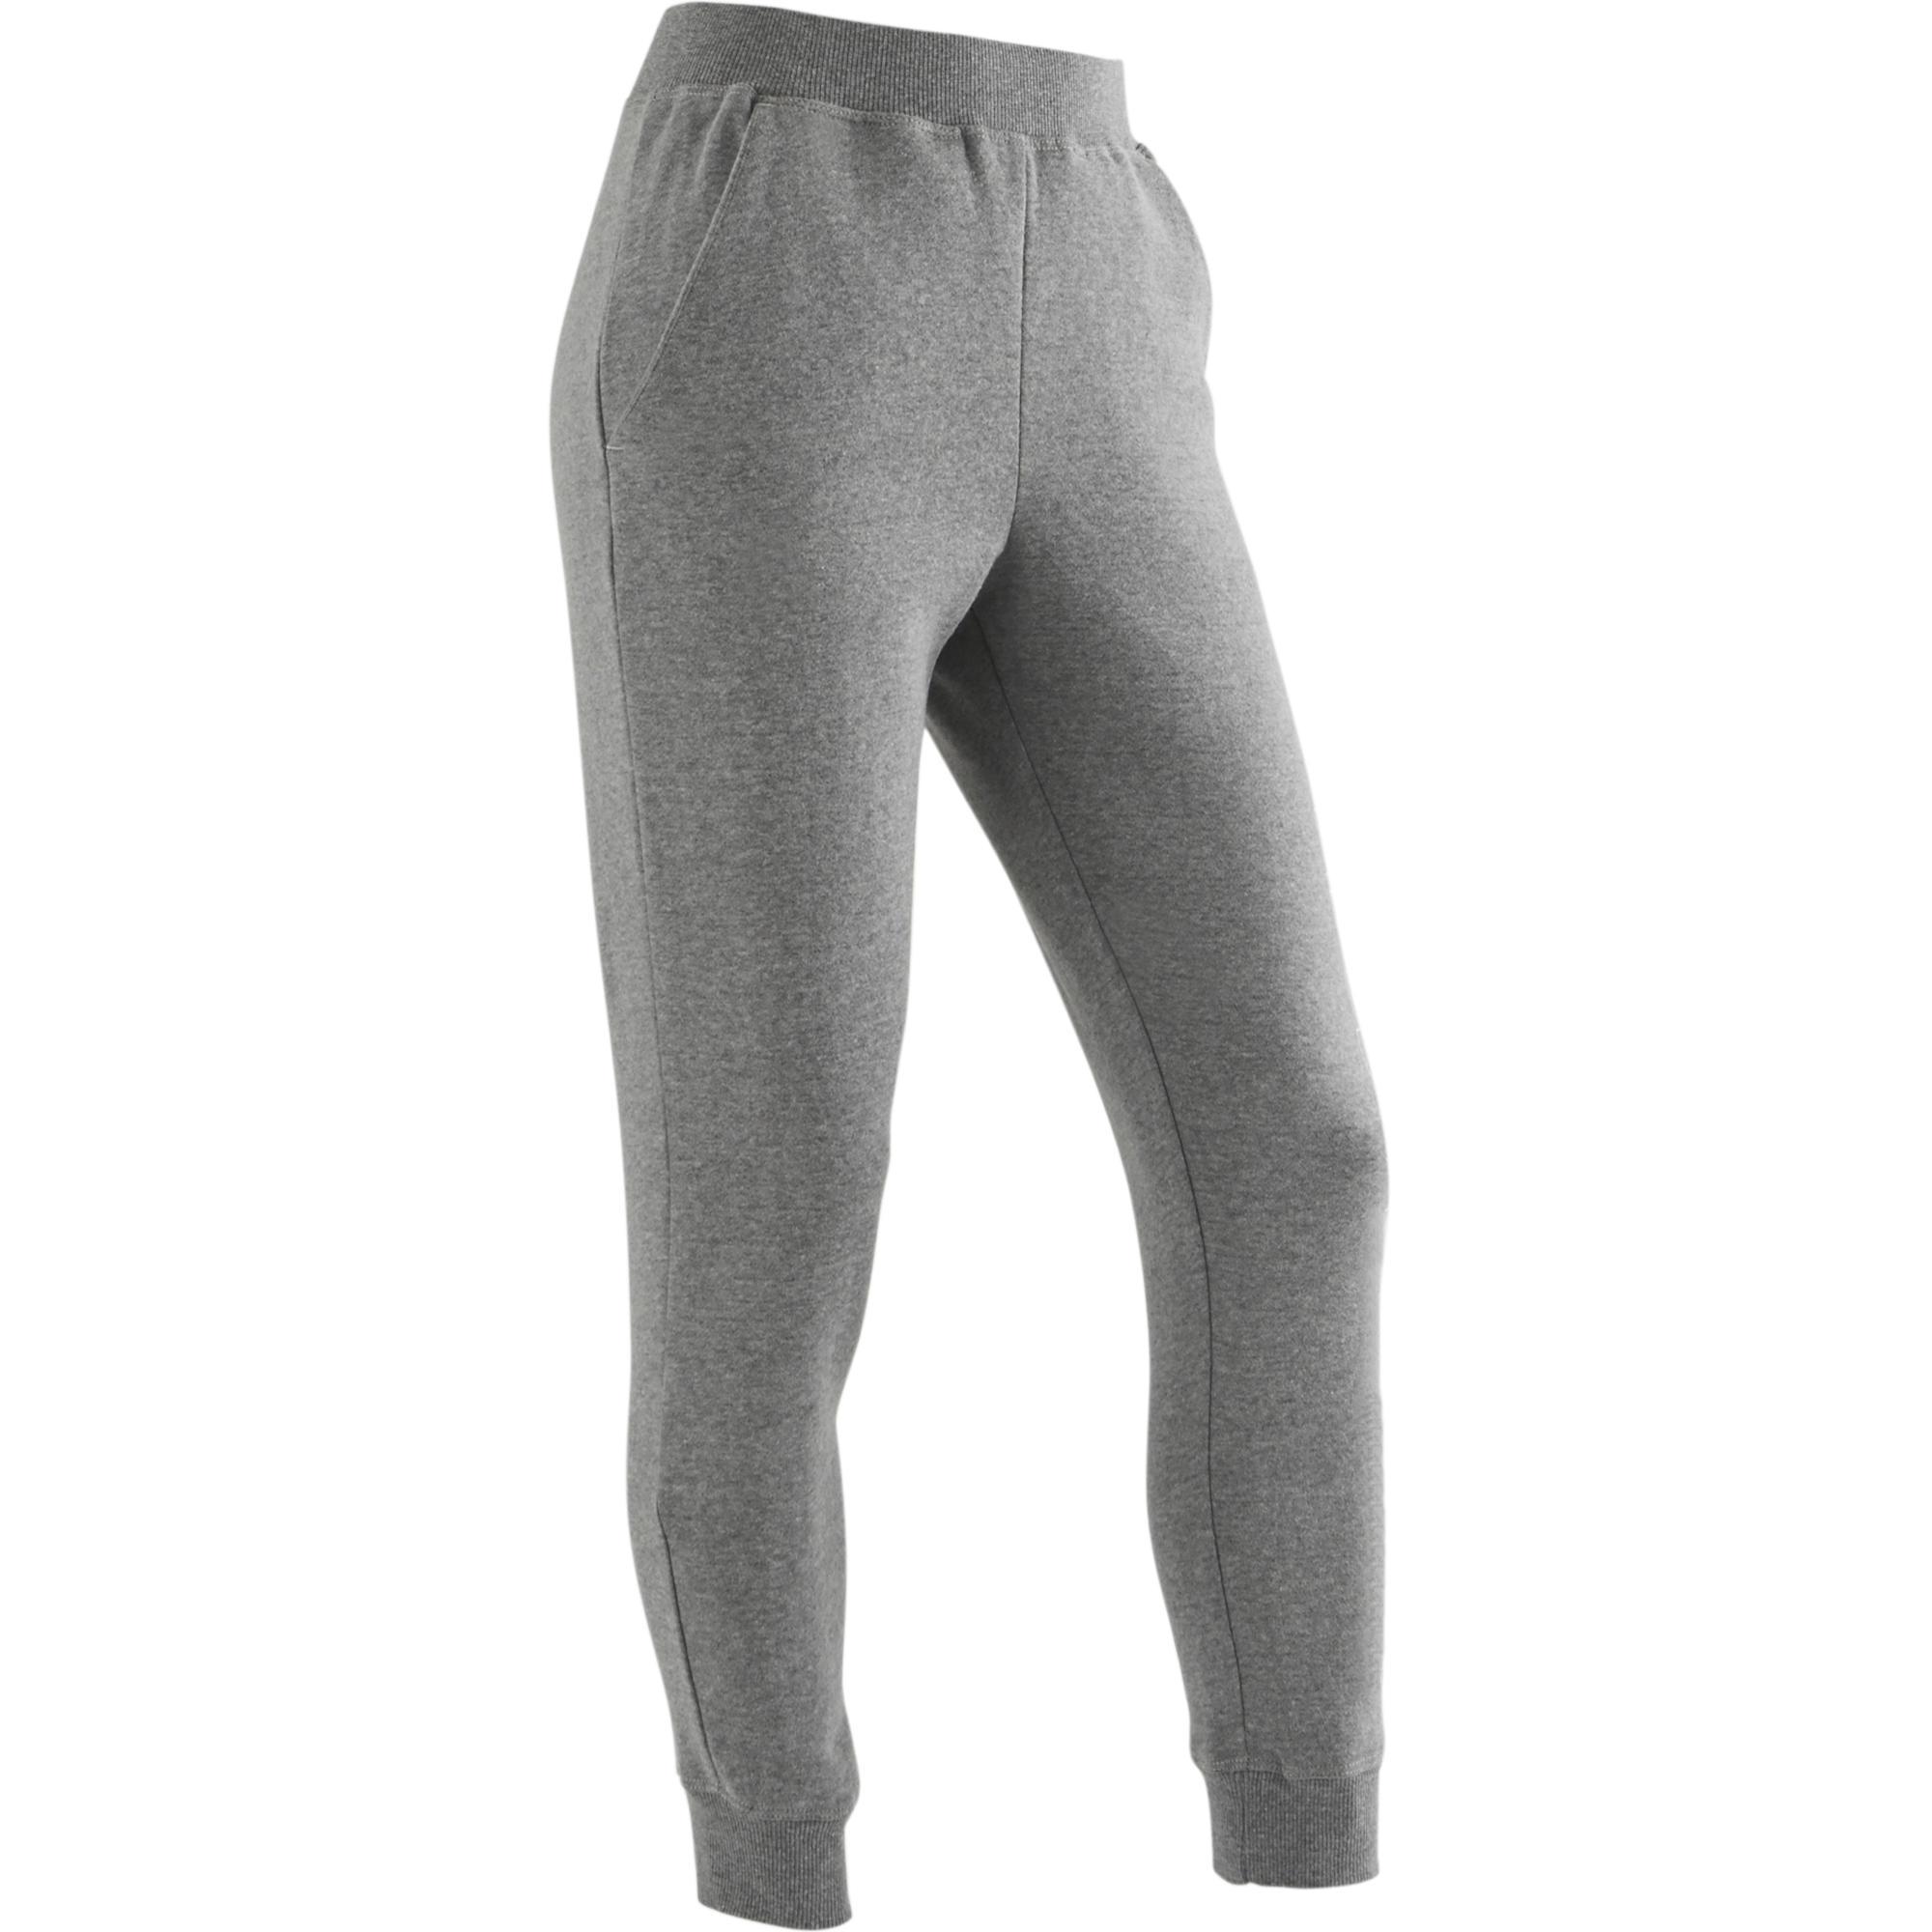 Pantalón cálido 100 niña GIMNASIA JÚNIOR gris claro